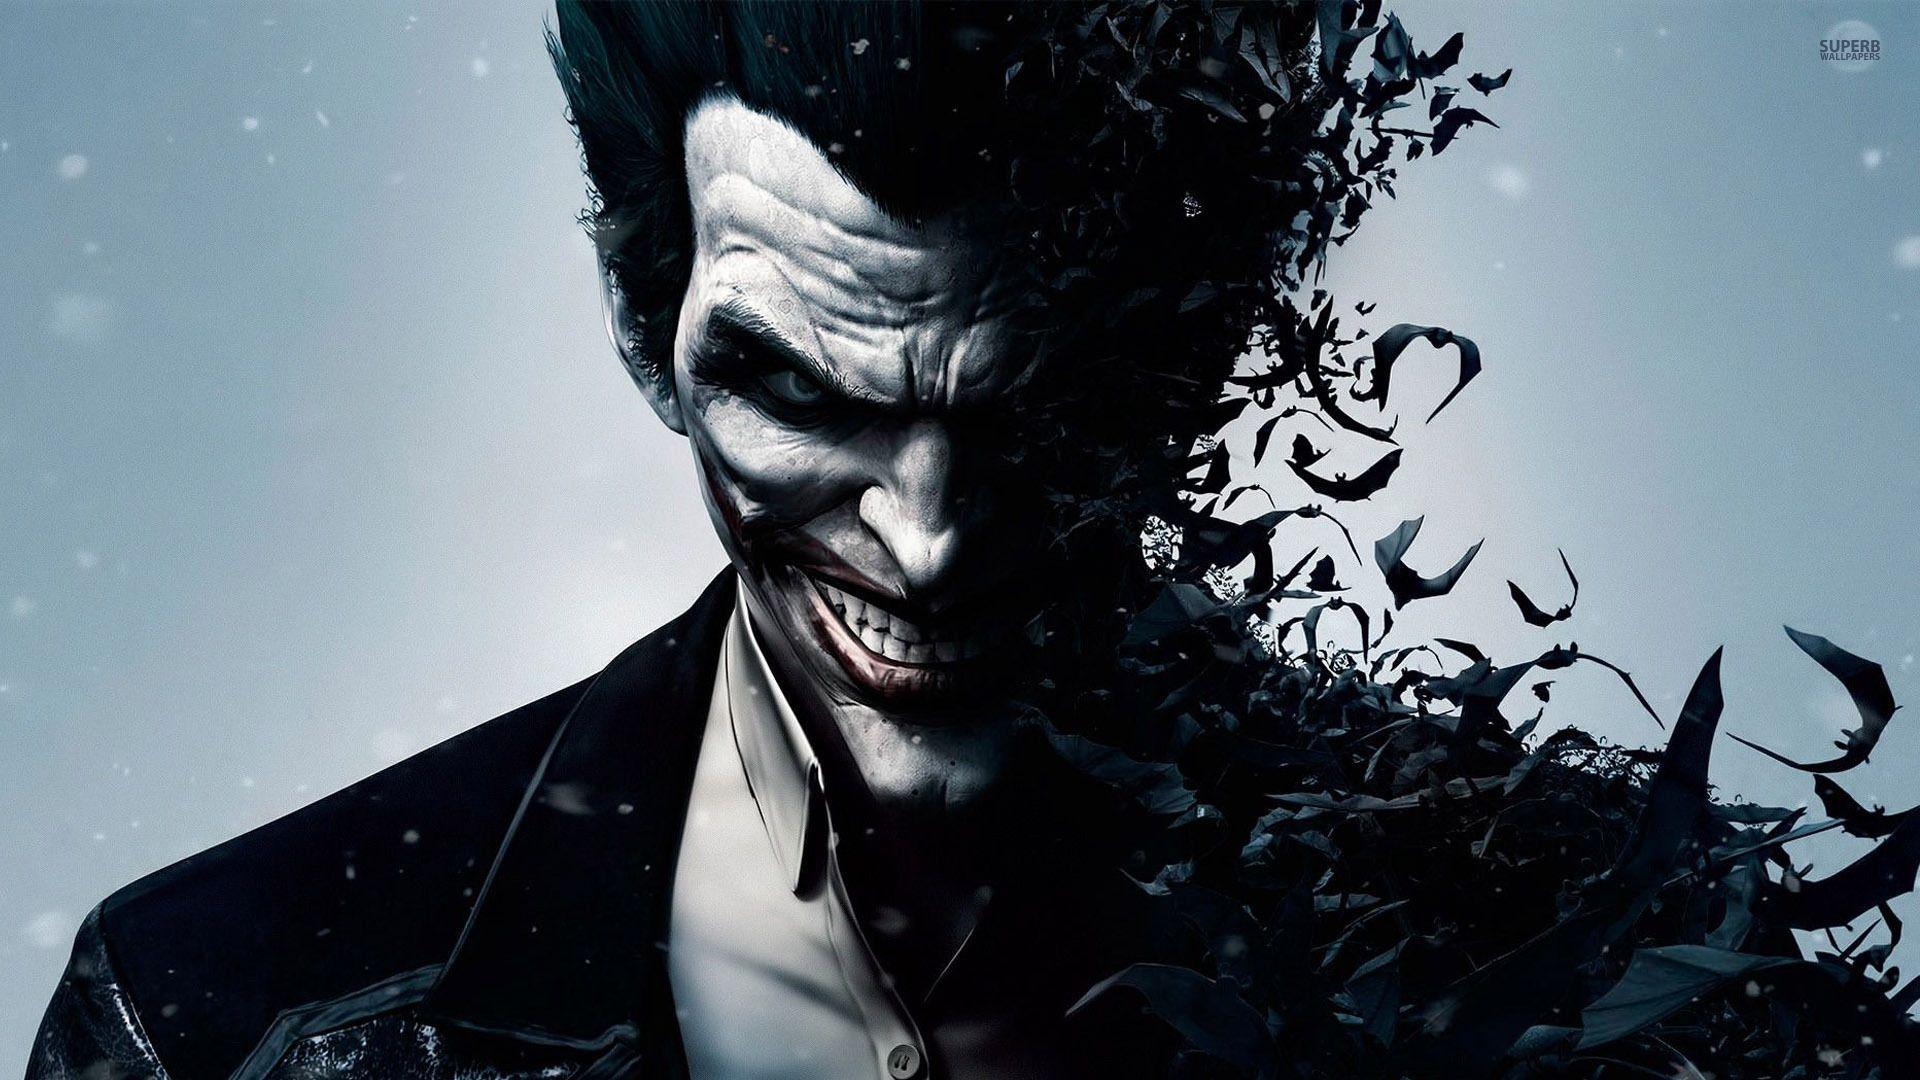 Hd wallpaper joker - Batman Arkham Origins Joker Batman Arkham Origins Wallpaper Hd Wallpapers